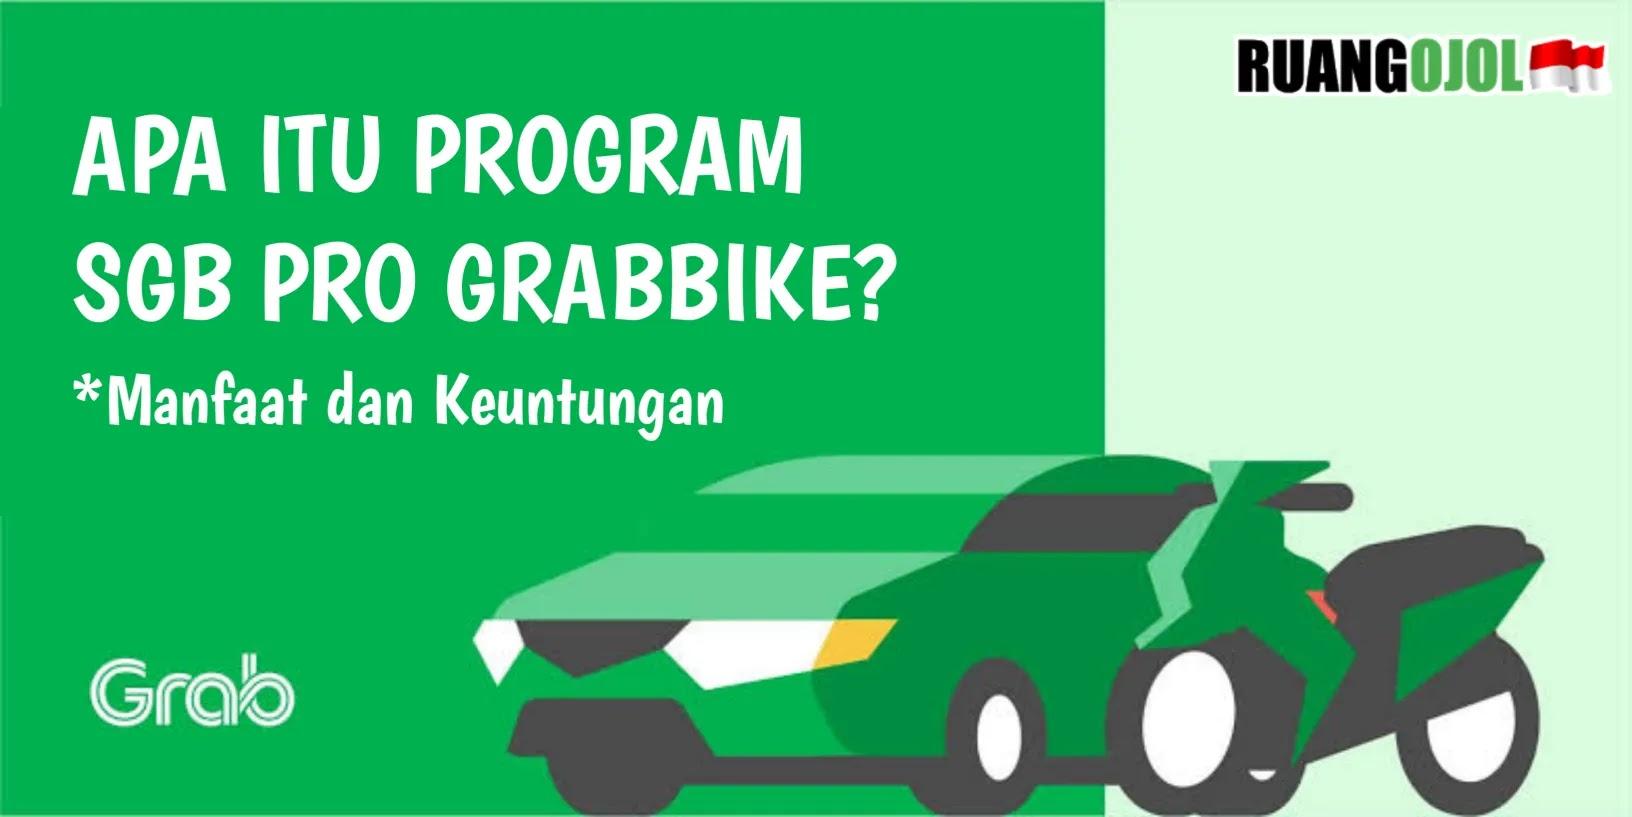 Apa Itu Program SGB Pro GrabBike? Manfaat dan Keuntungan